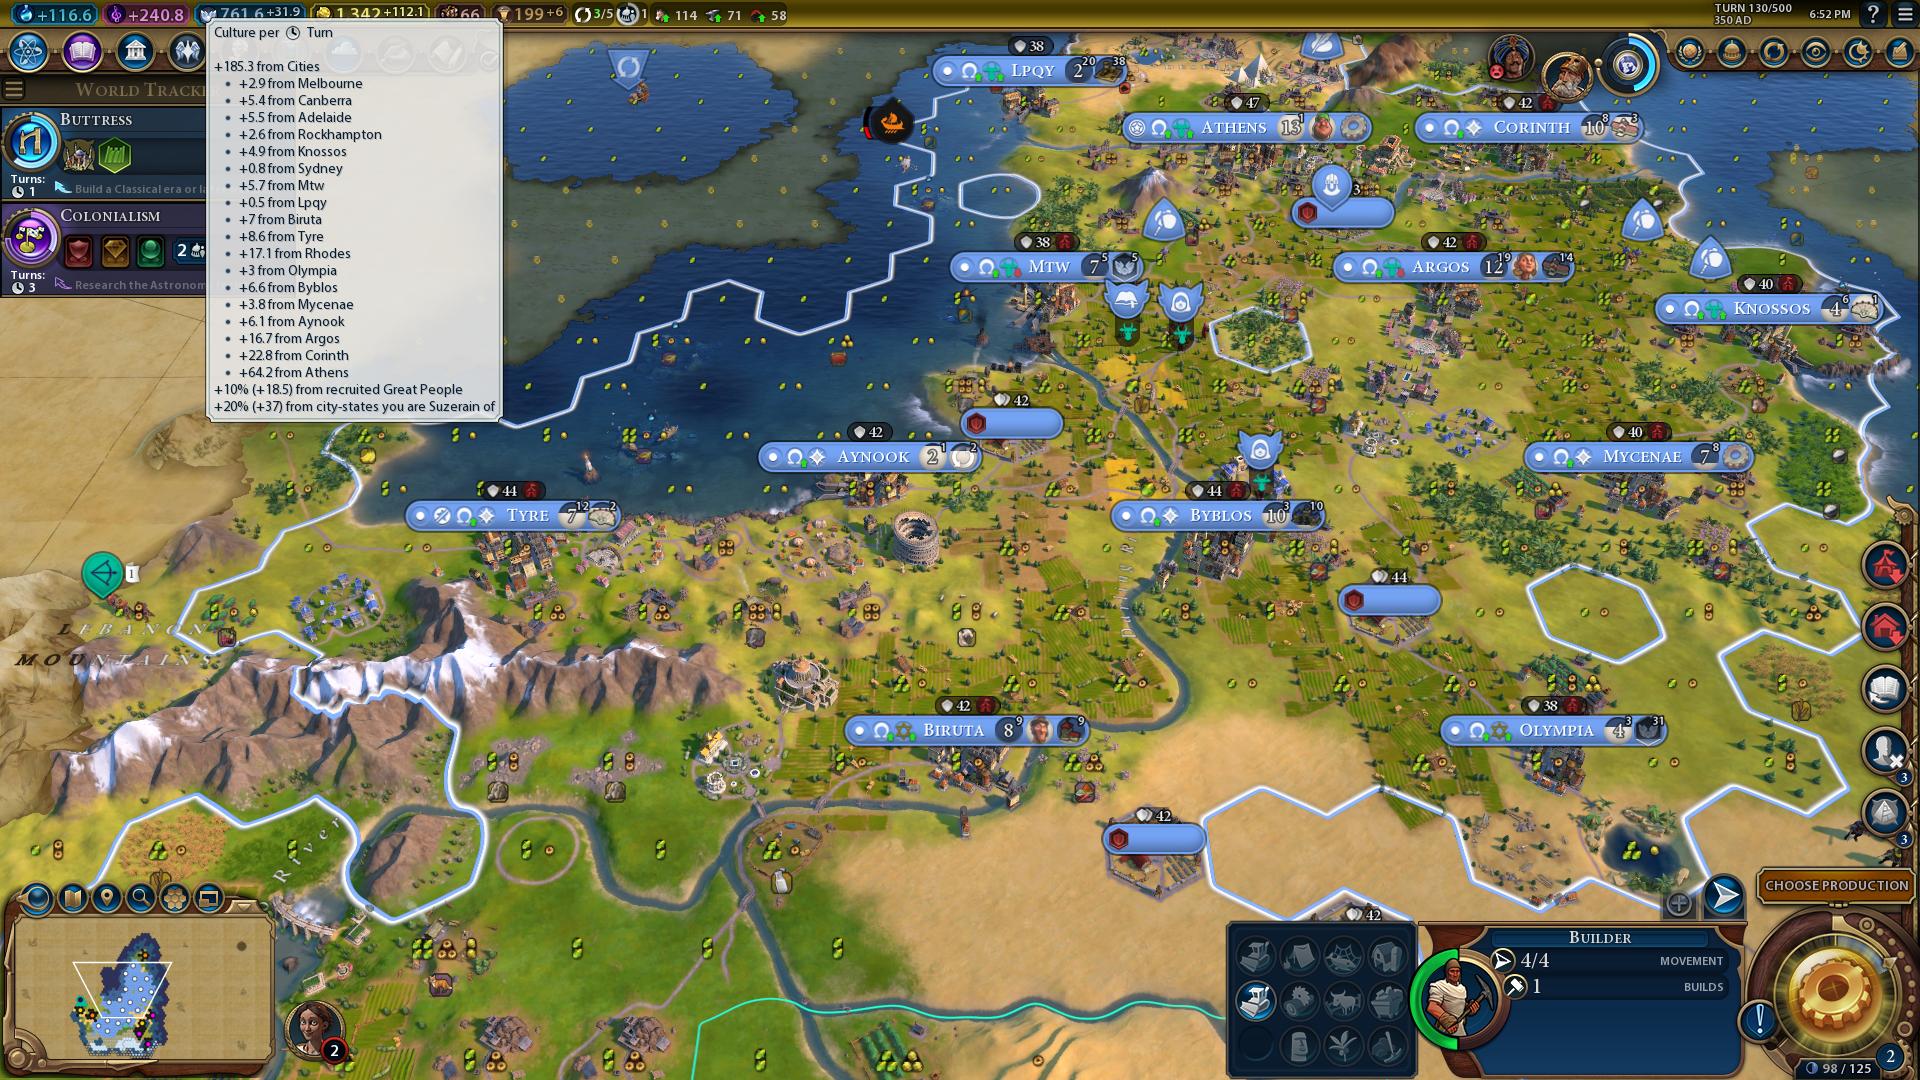 Sid Meier's Civilization VI (DX11) 4_7_2019 6_52_25 PM.png